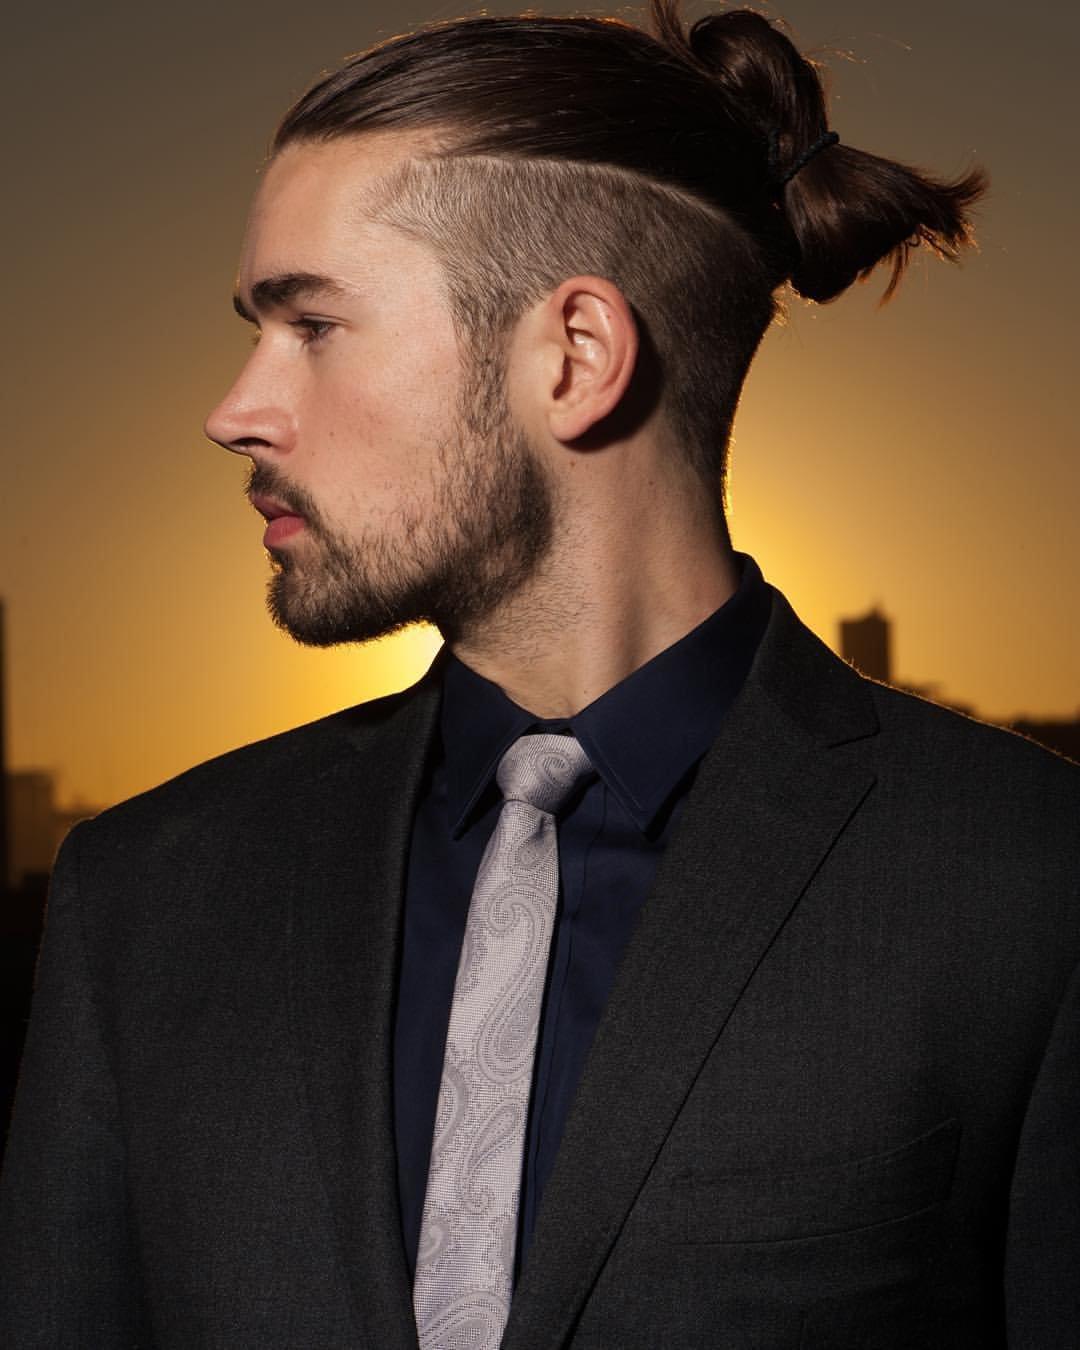 Прическа длинные волосы для мужчин